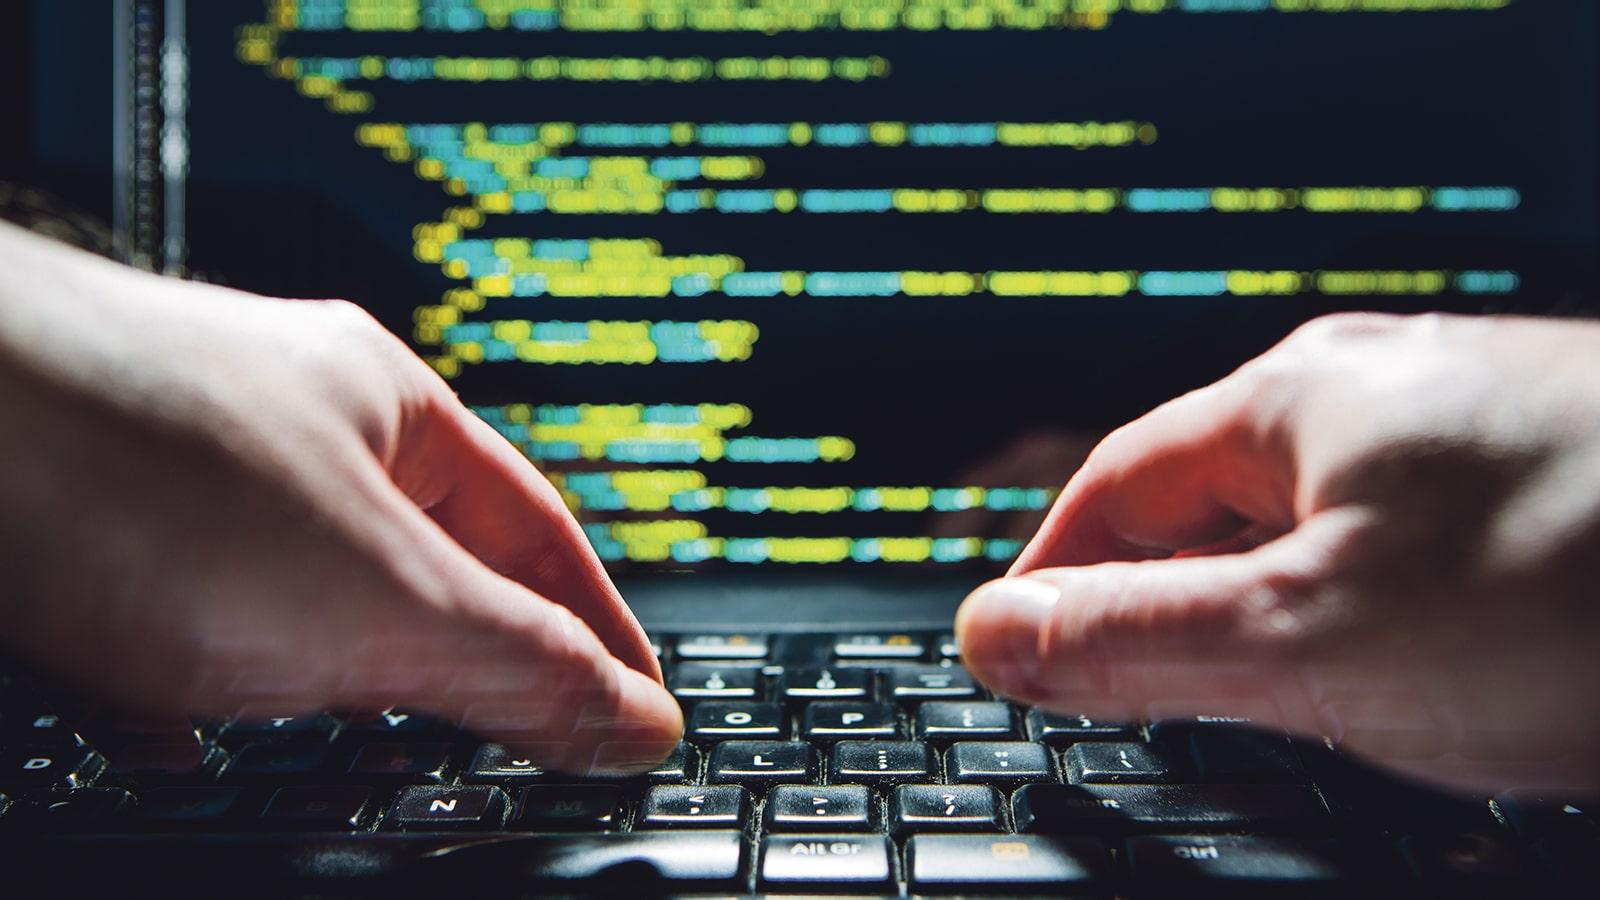 Iemand bezig op een pc met op de scherm een code